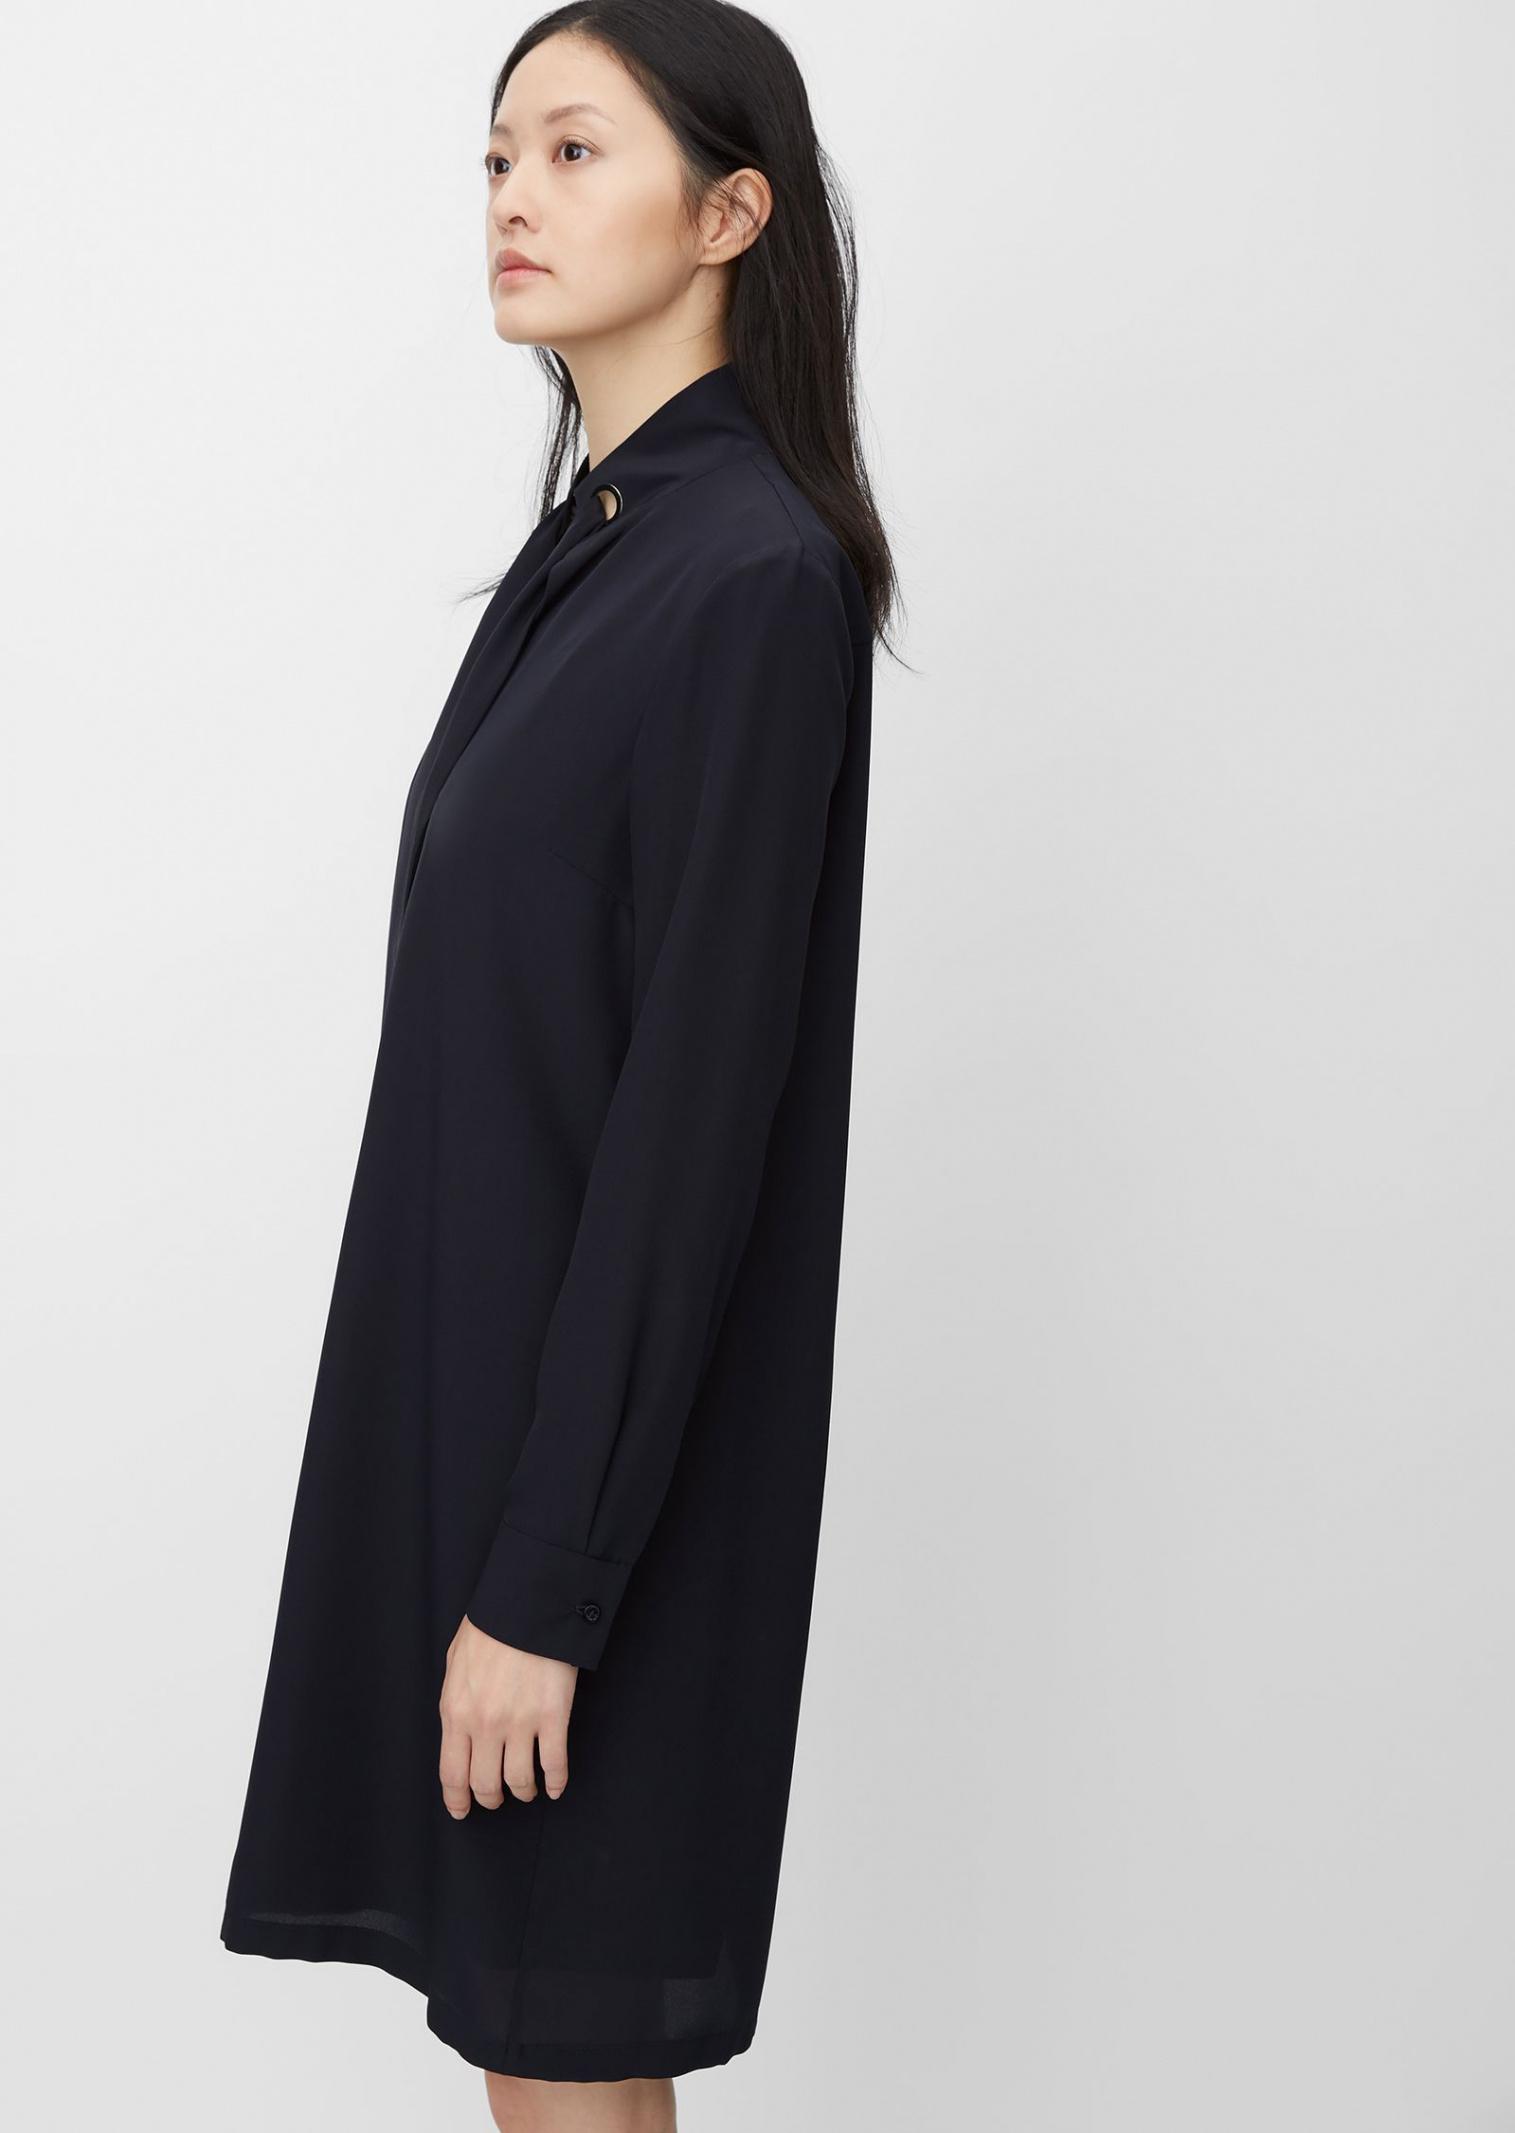 Платье женские MARC O'POLO Pure модель PF3953 , 2017